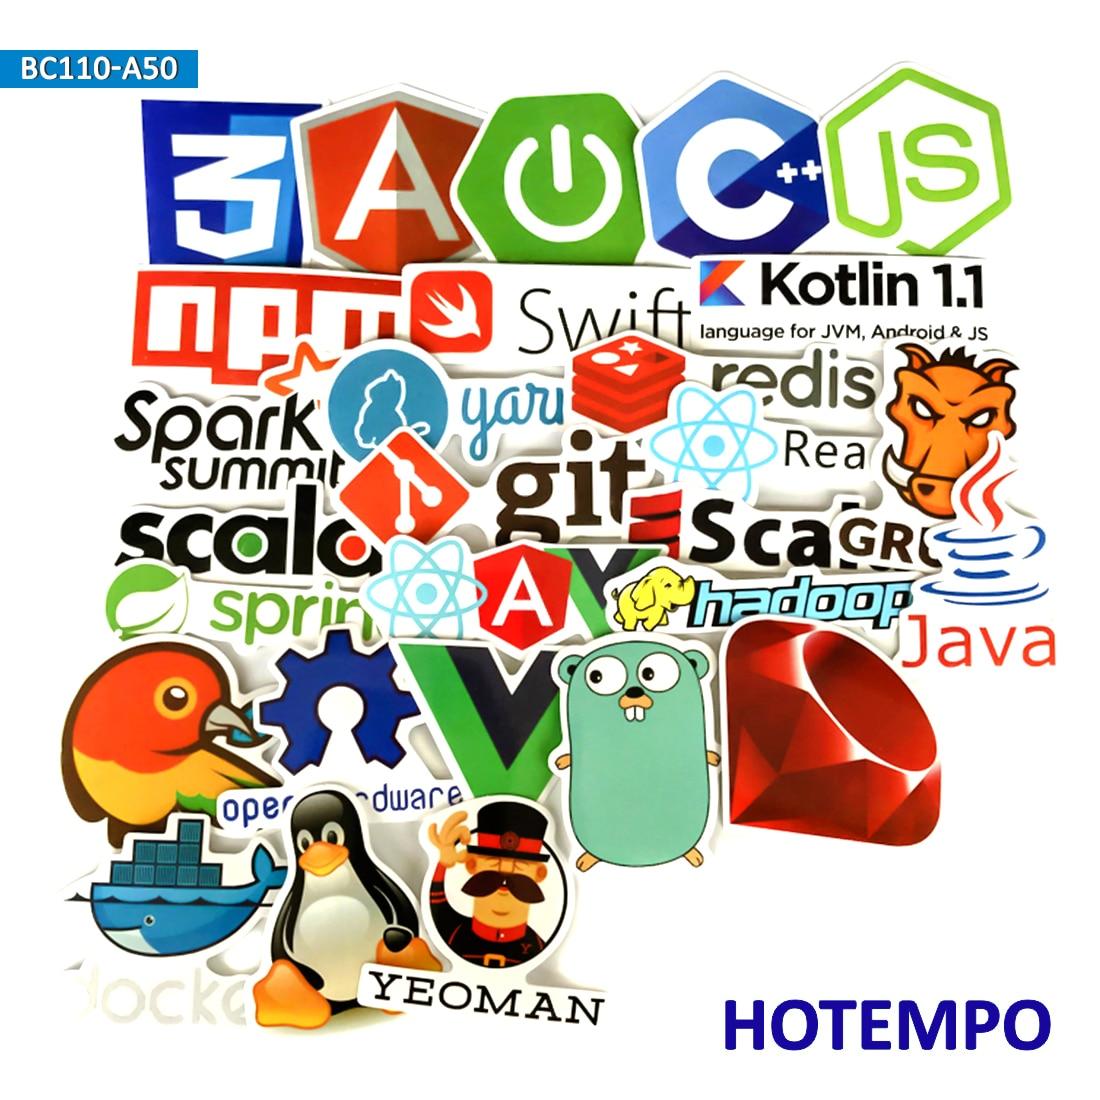 108 Stücke Java Programmierung Aufkleber Internet Sprache Für Telefon Fall Notebook Pc Computer Gepäck Laptop Junge Spielzeug Erwachsene Programer Klassische Spielzeug